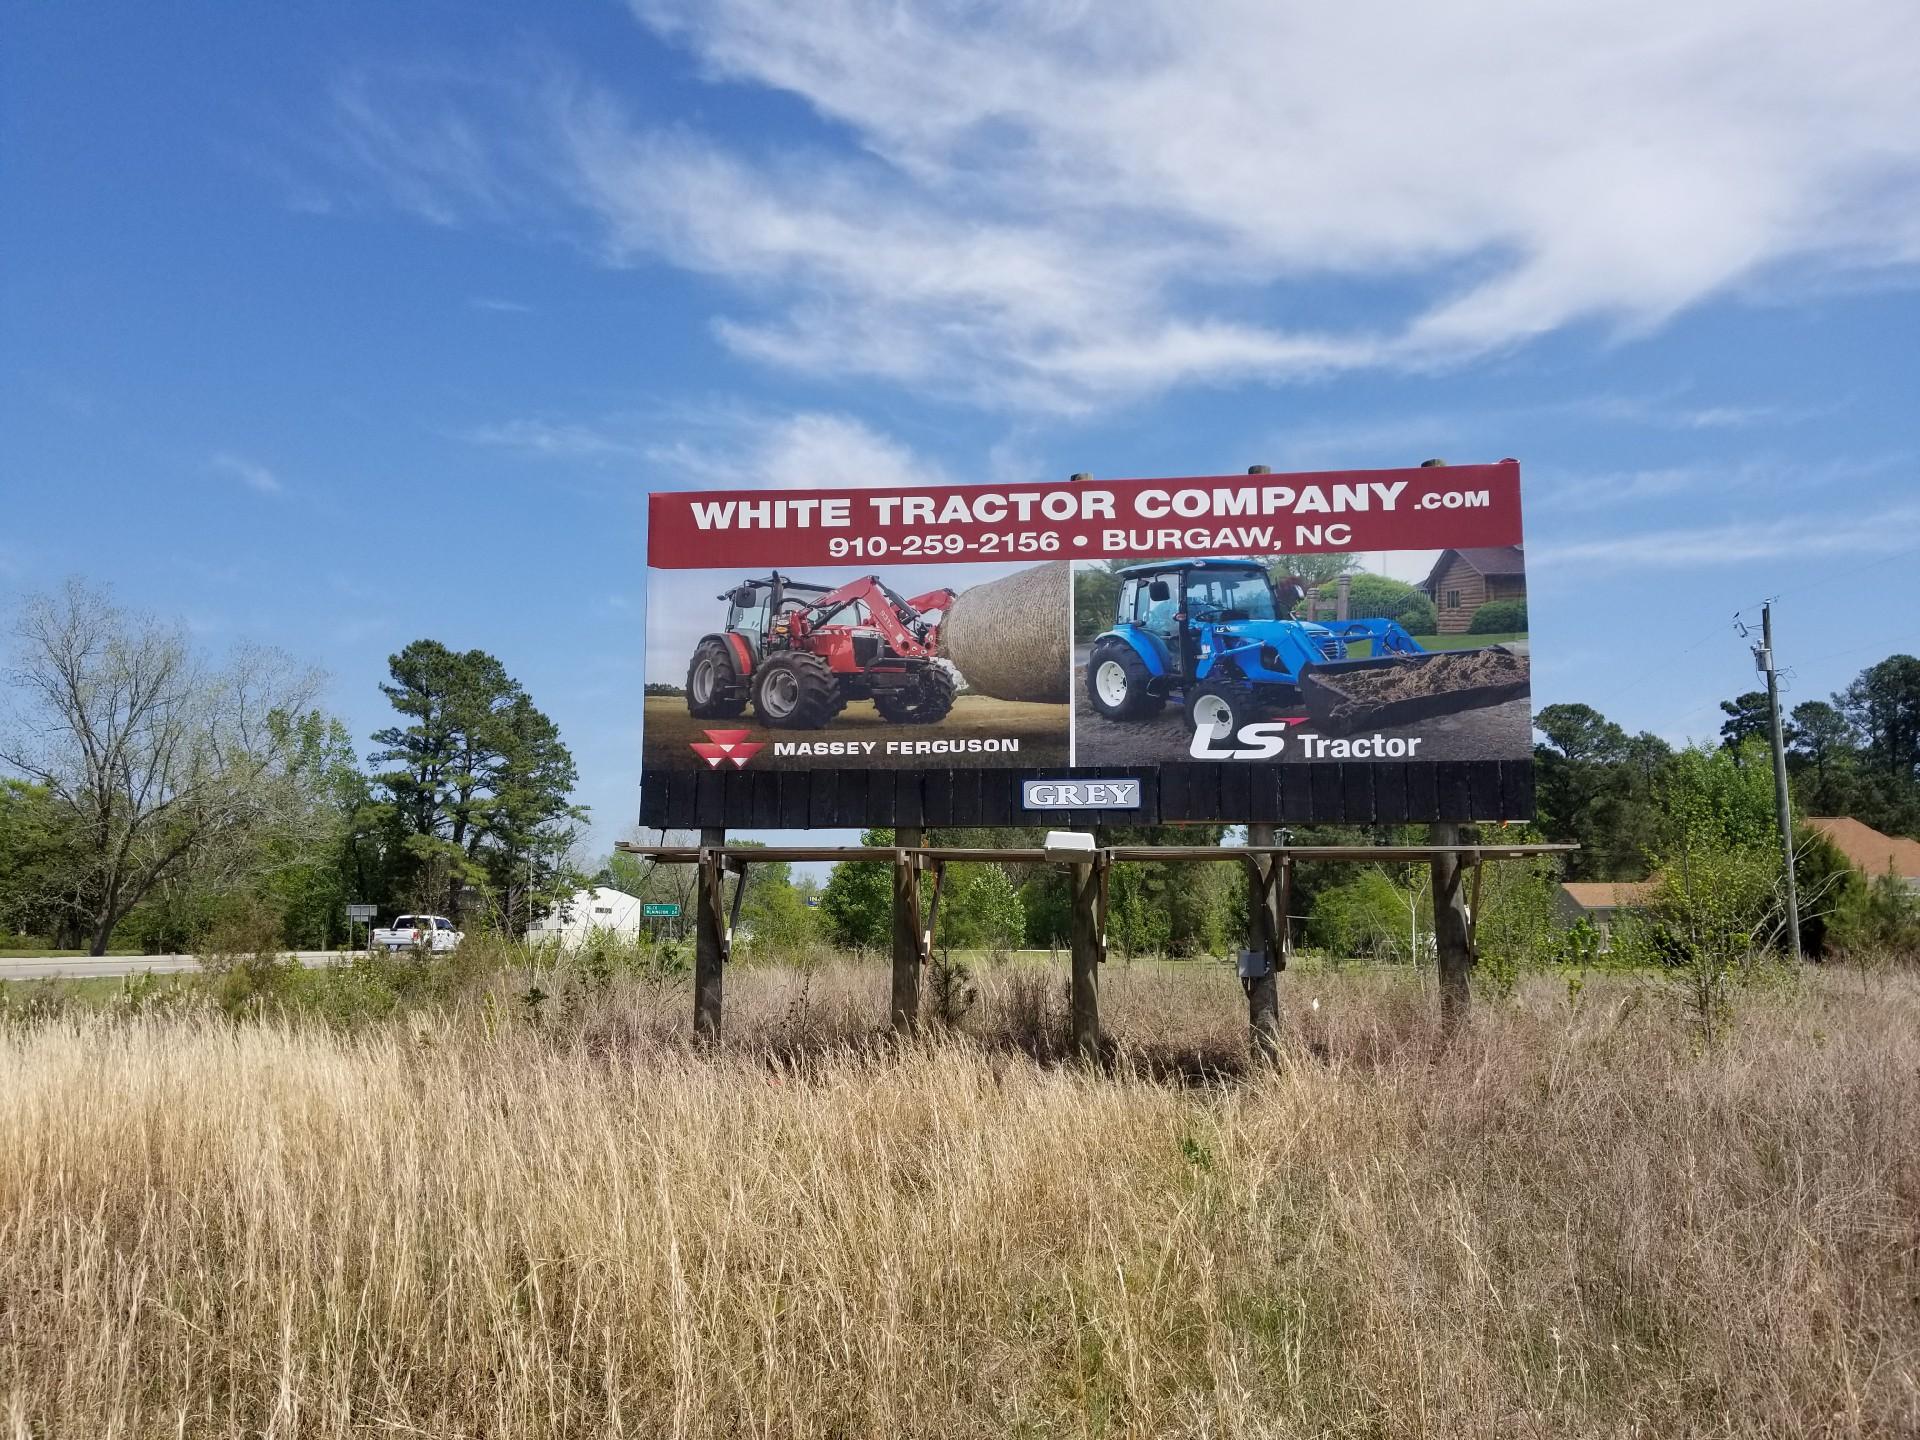 white tractor company